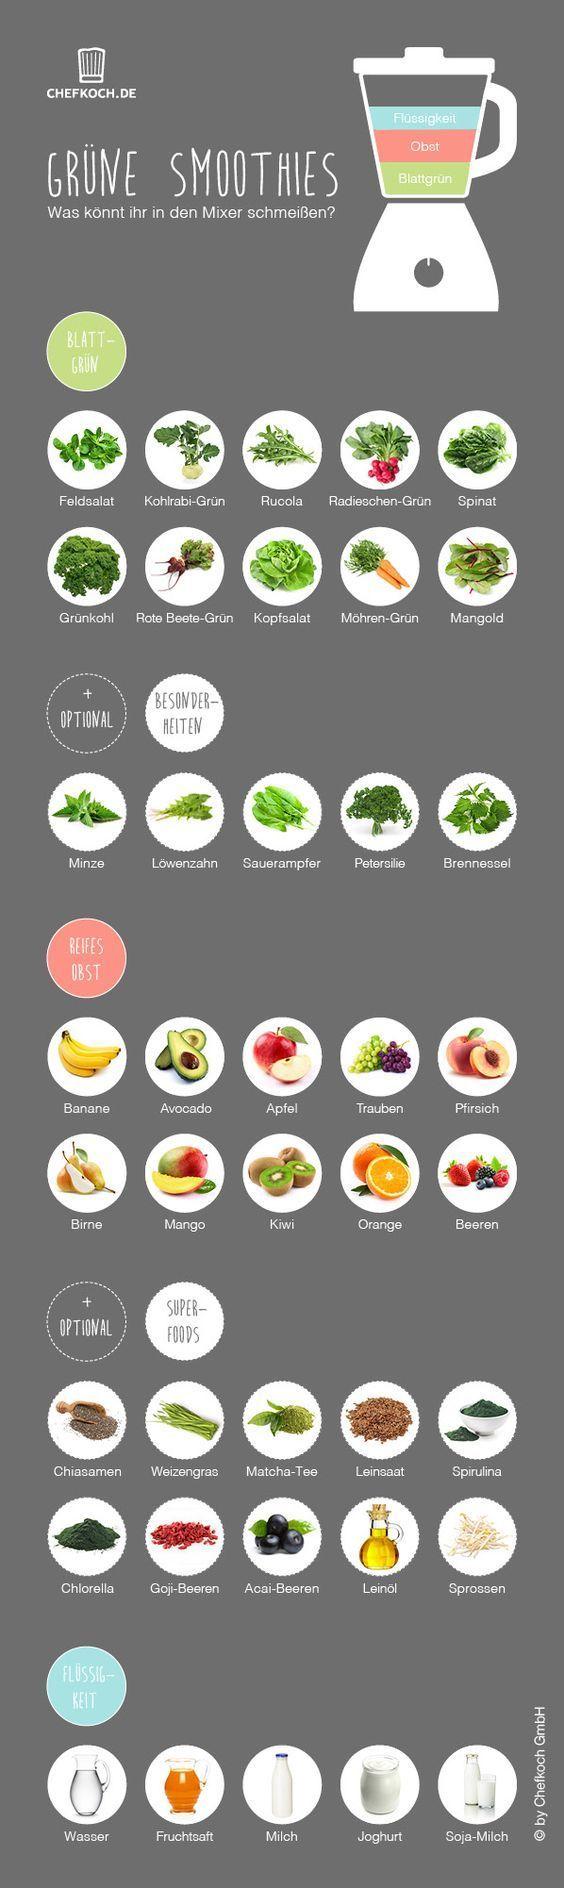 Grüne Smoothies: Was könnt ihr in den Mixer schmeißen?